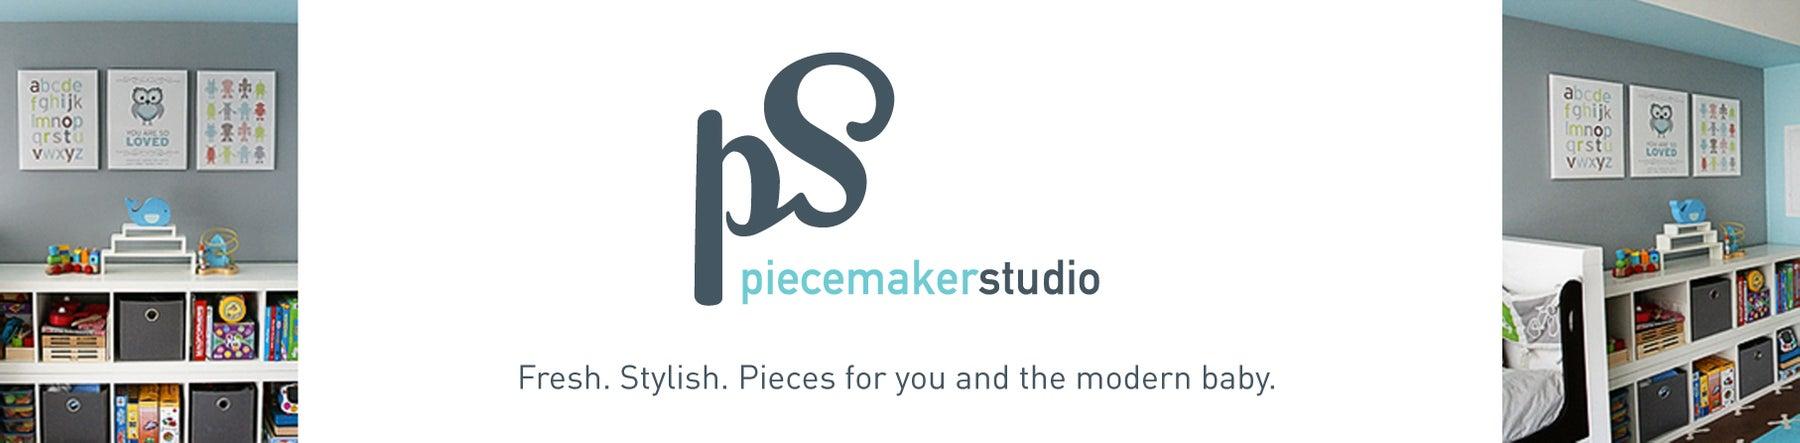 Piecemaker Studio